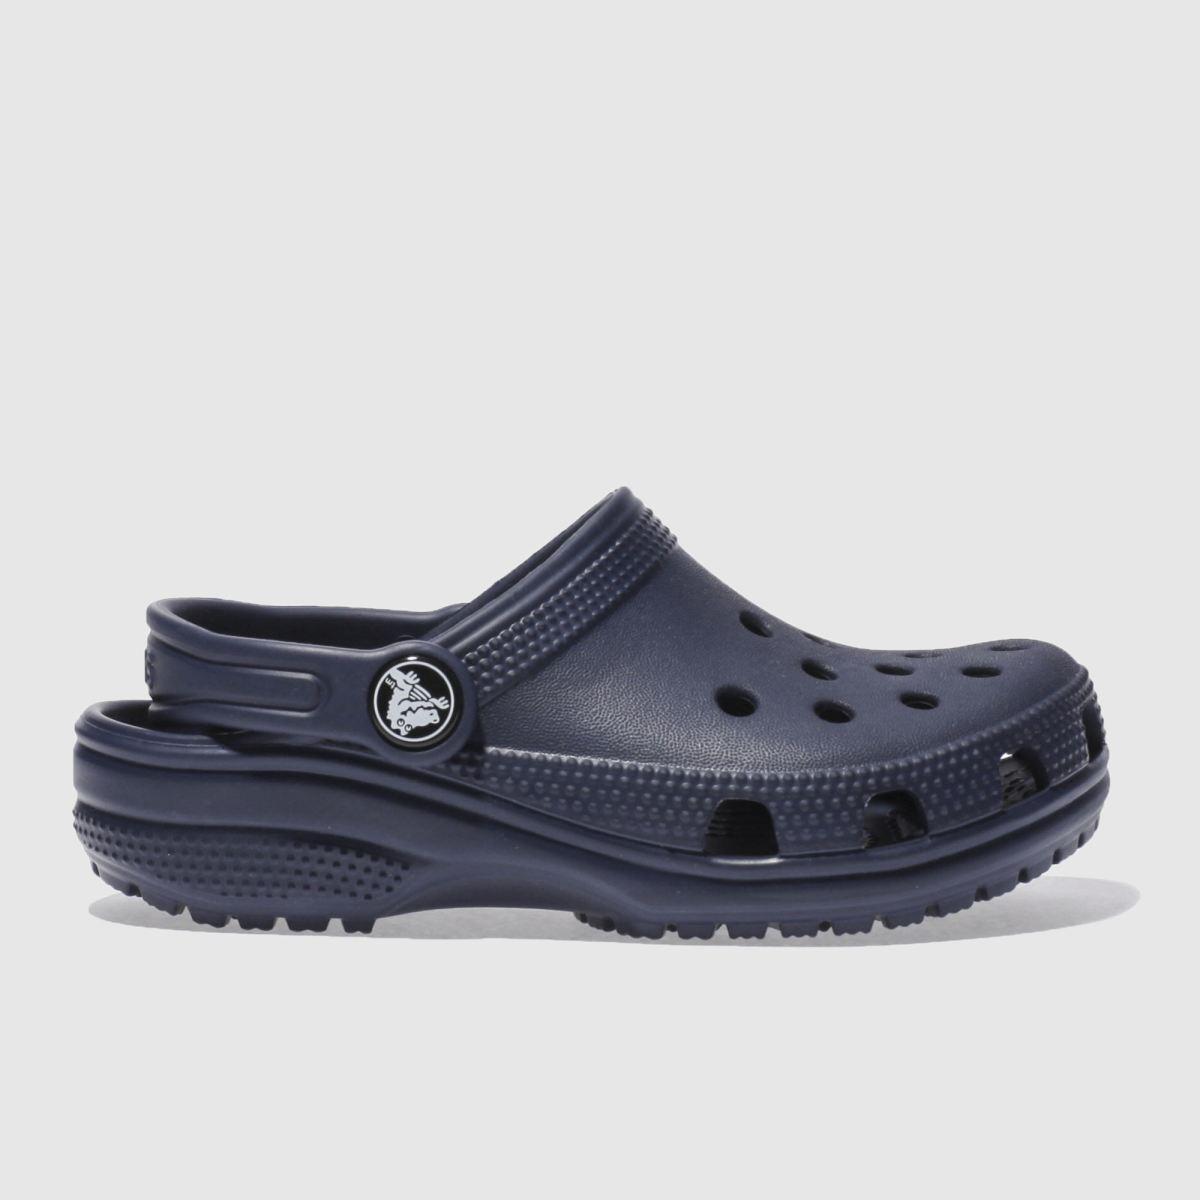 Crocs Navy Classic Clog Sandals Junior